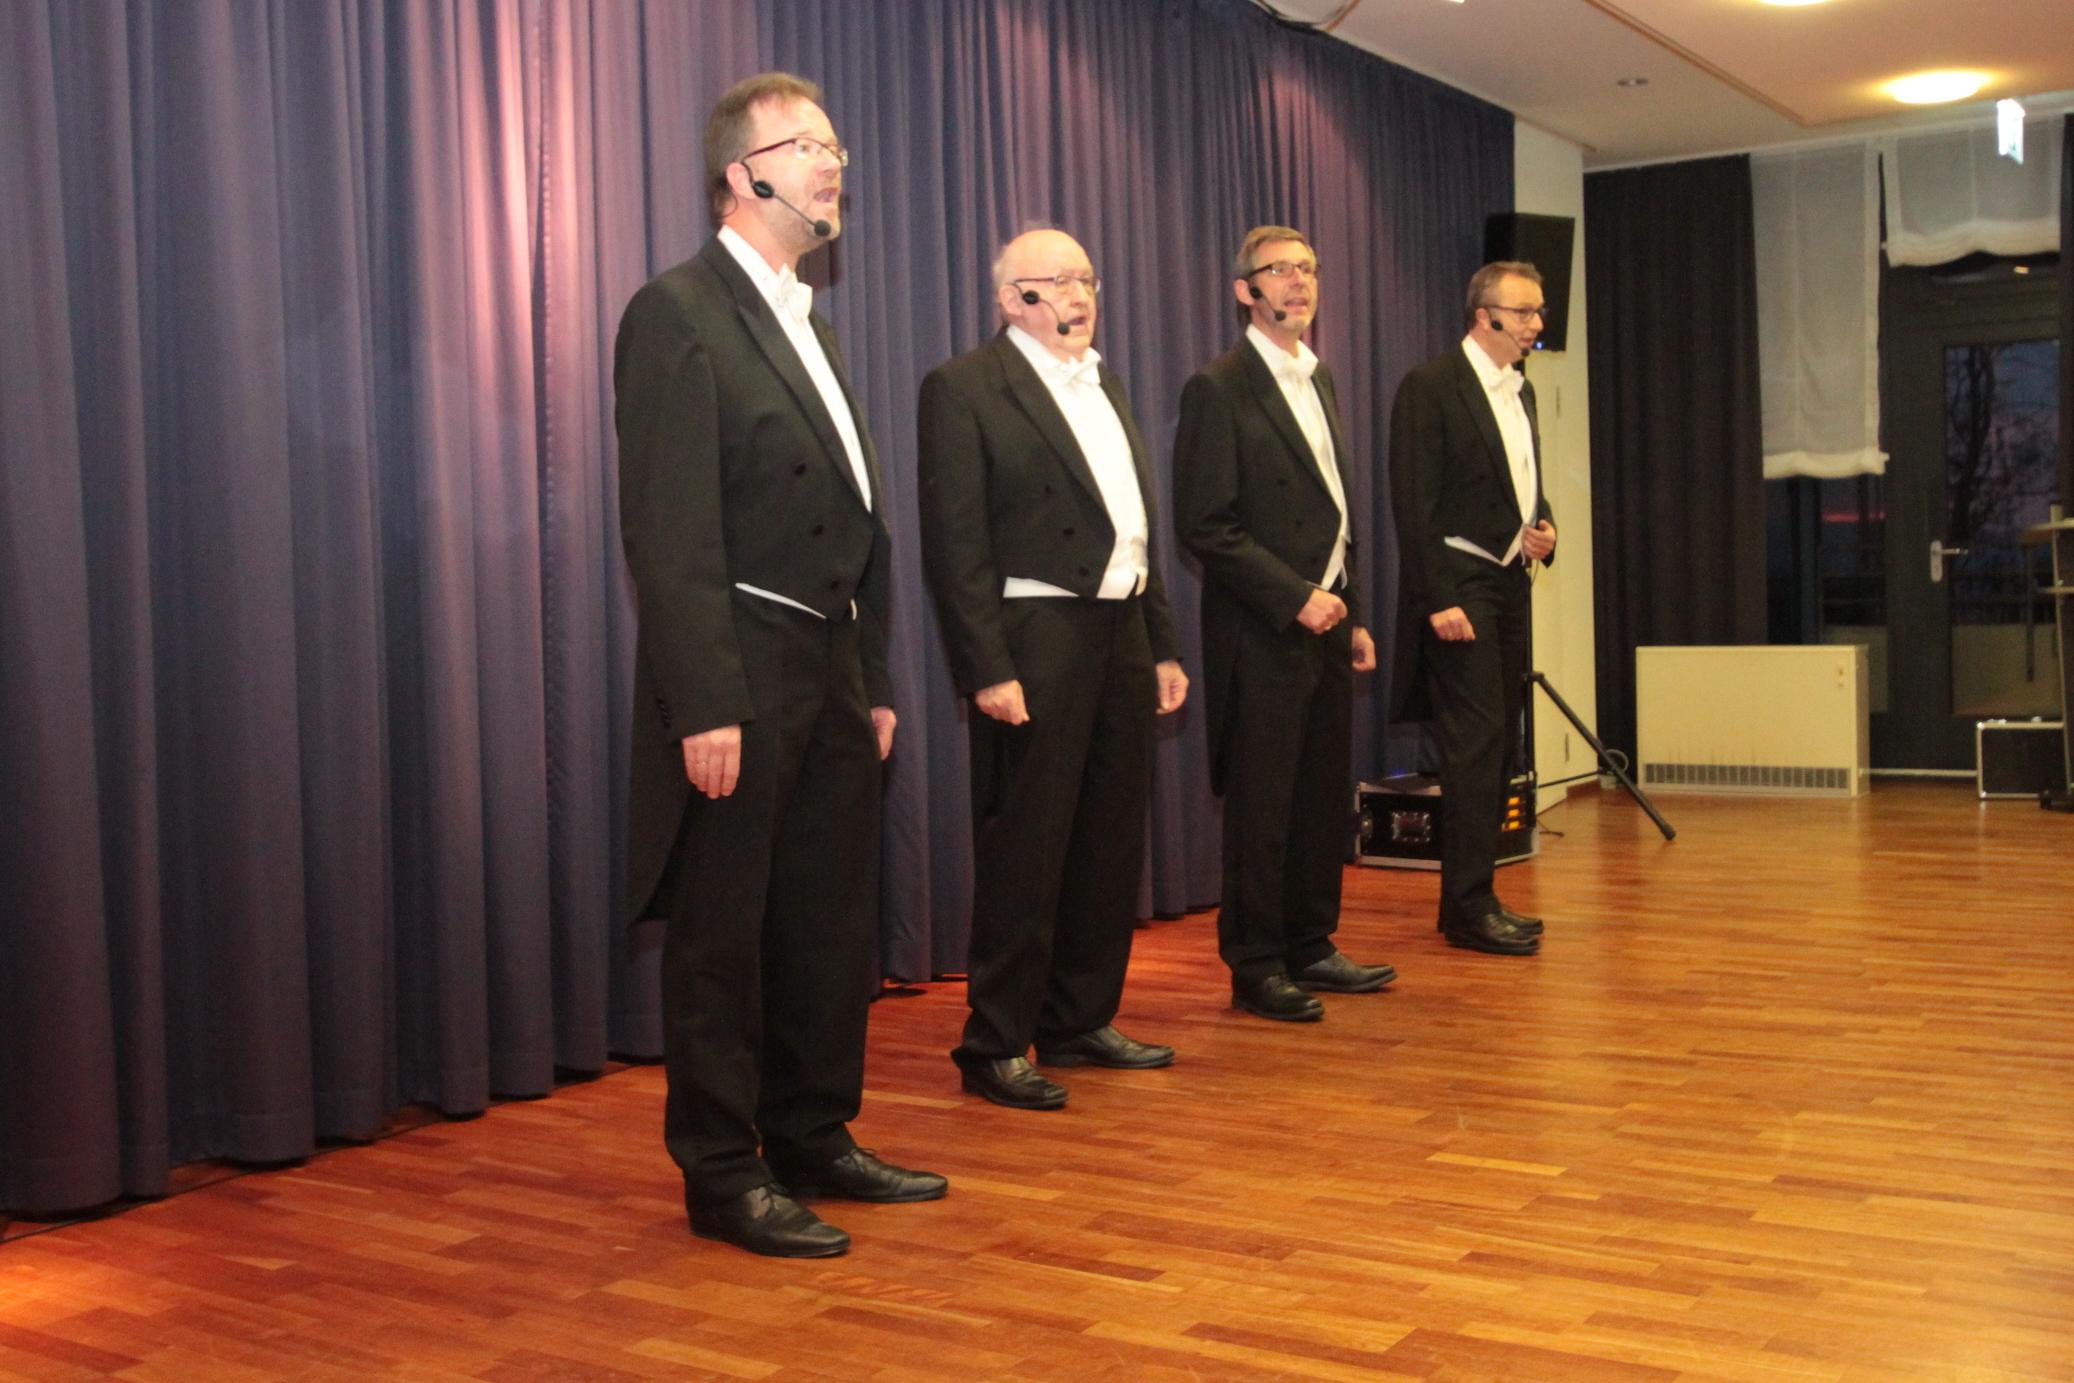 Kunst & Kultur in der Residenz Humboldthöhe Amüsantes A-Capella Konzert vom Allerfeinsten